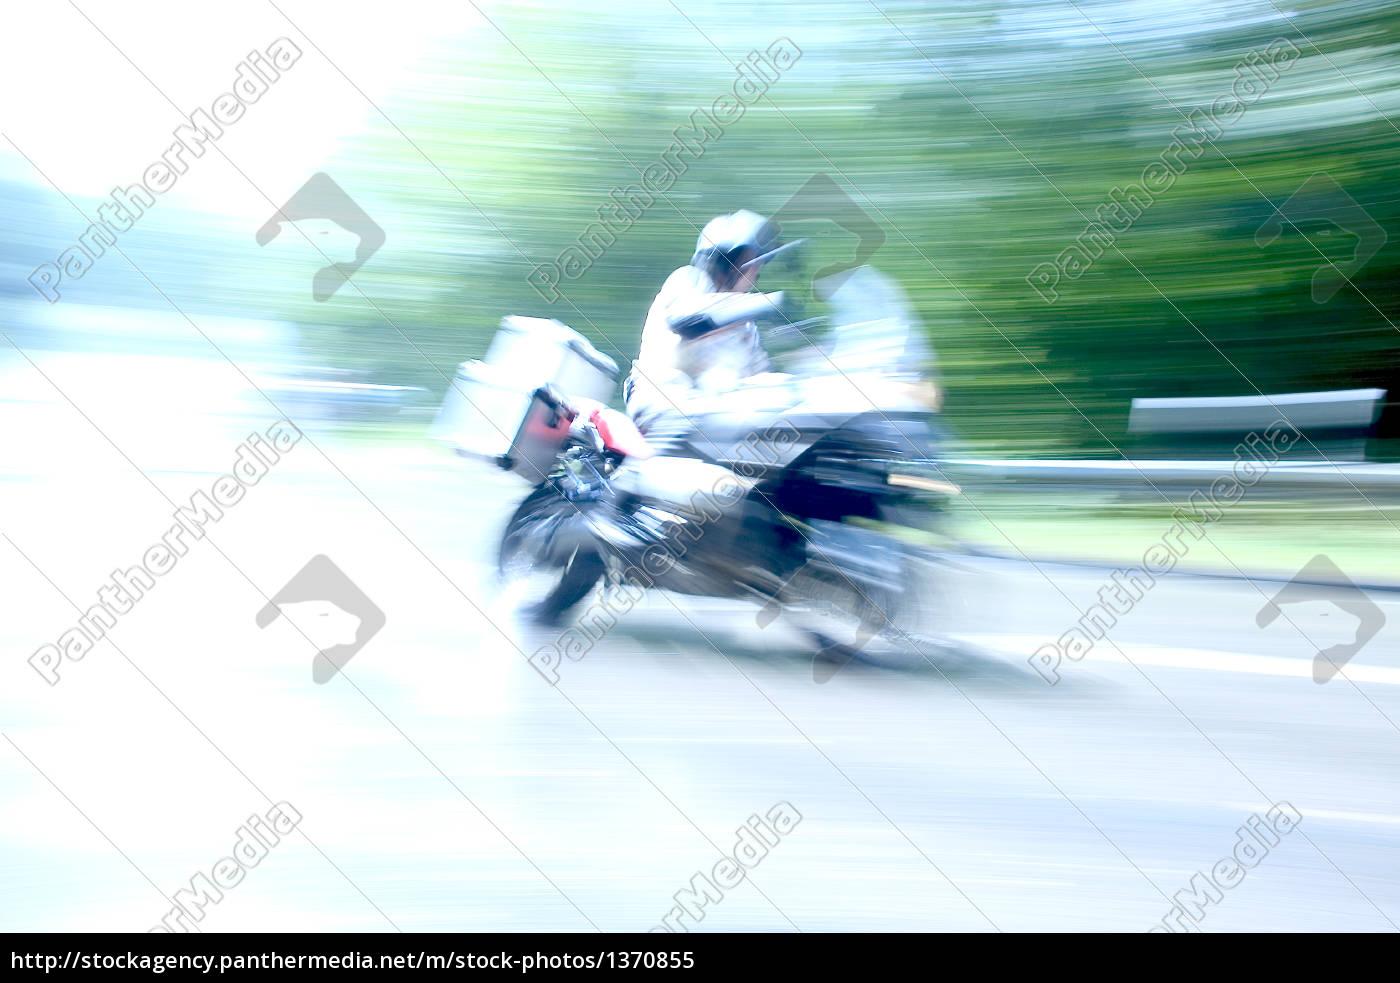 motociclistas - 1370855